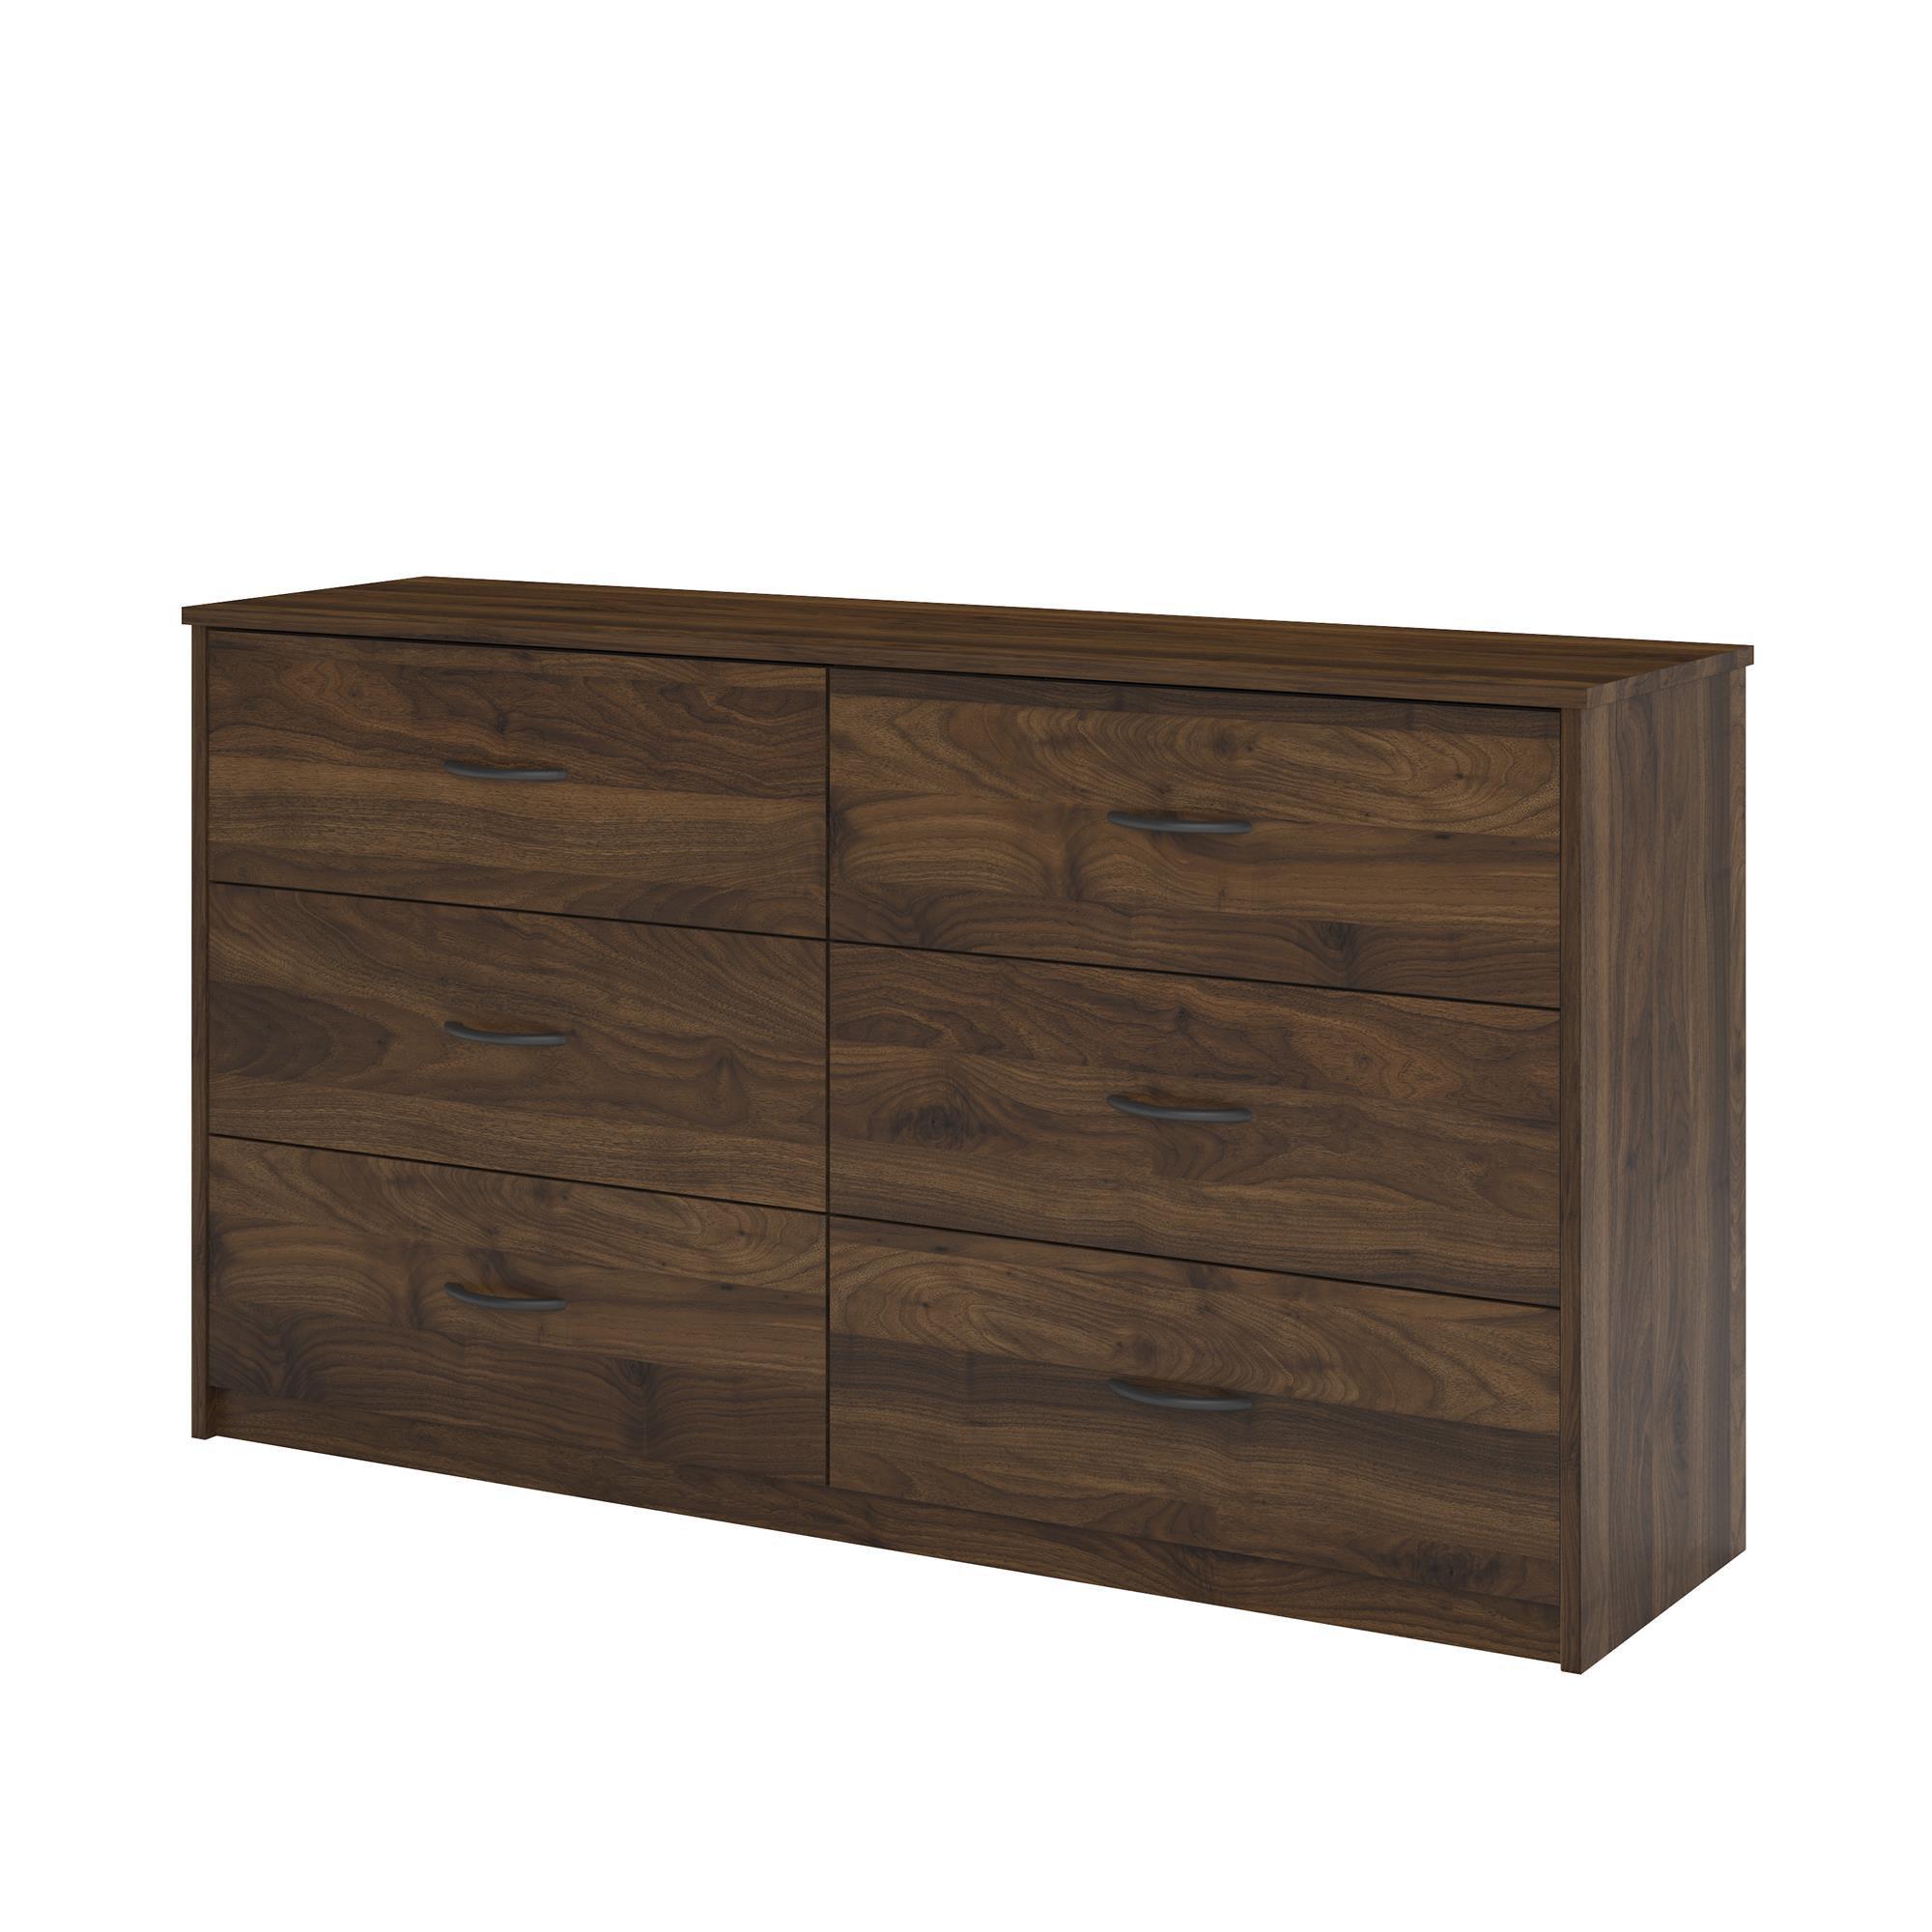 Grantville 6 Drawer Dresser Reviews